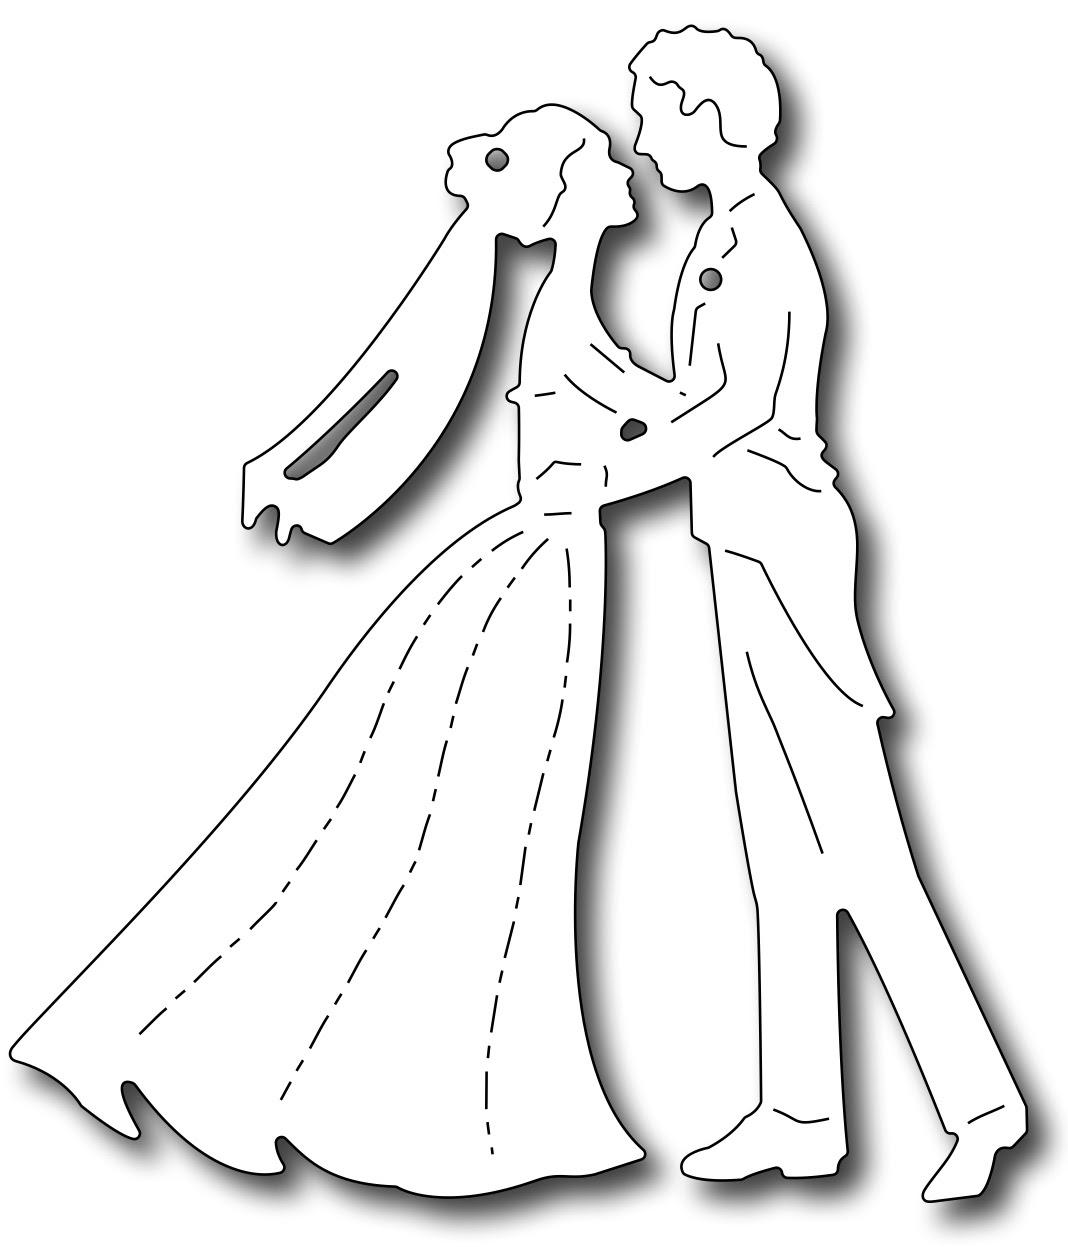 Шаблон объемной открытки к свадьбе, картинки мохито картинки